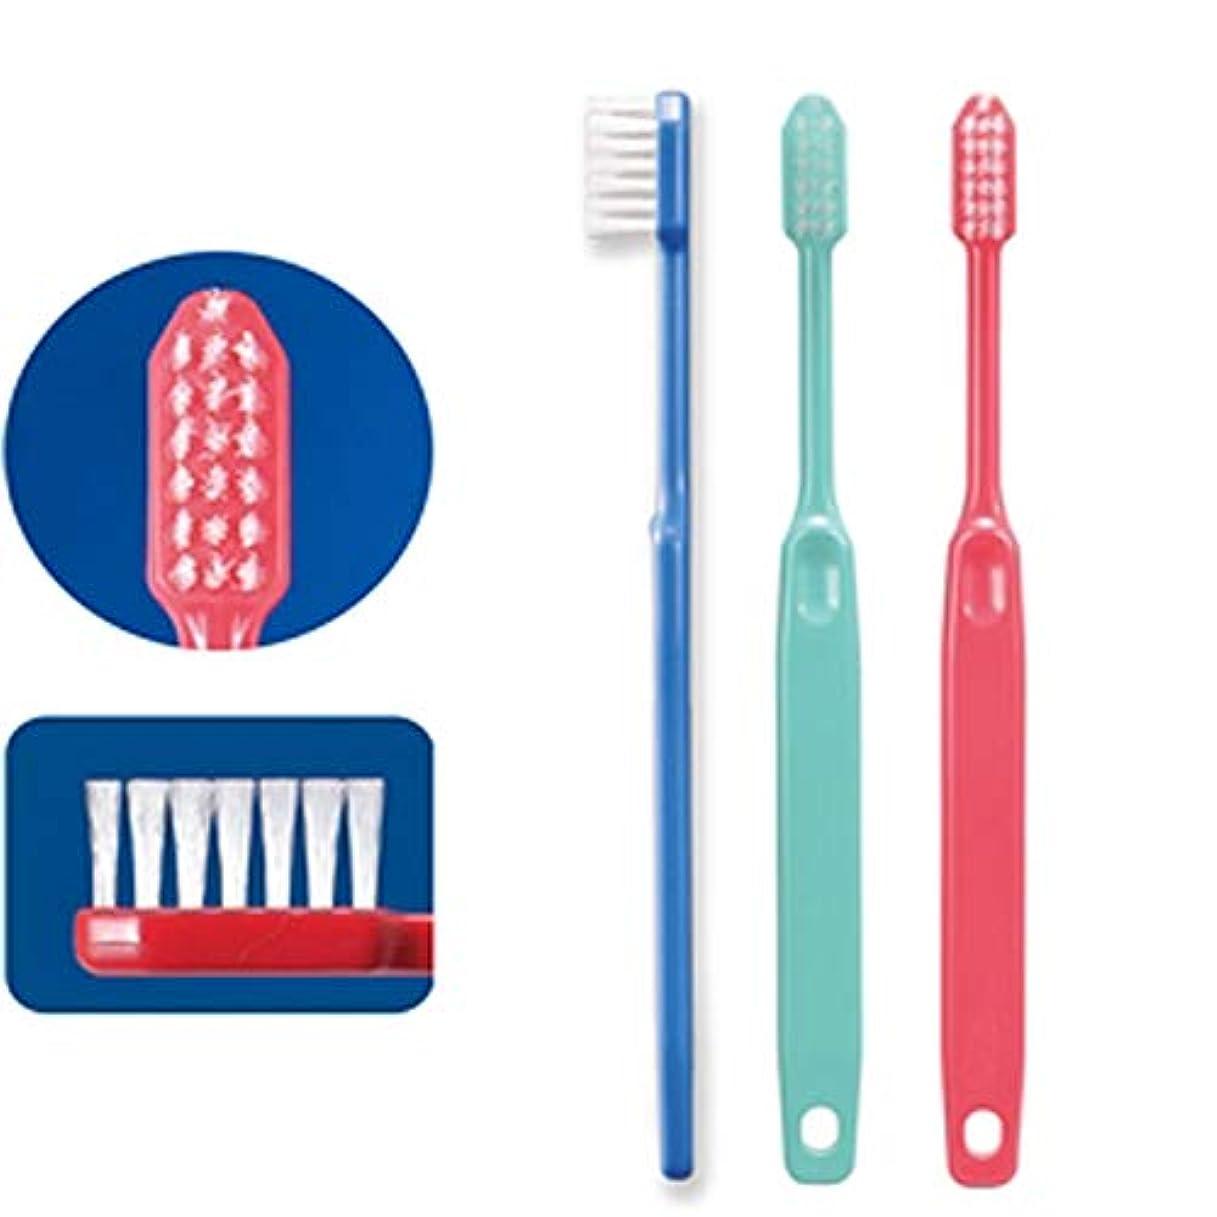 論争アスレチック宅配便Ci21(かため)(疎毛タイプ)コンパクトヘッド歯ブラシ×10本 歯科専用